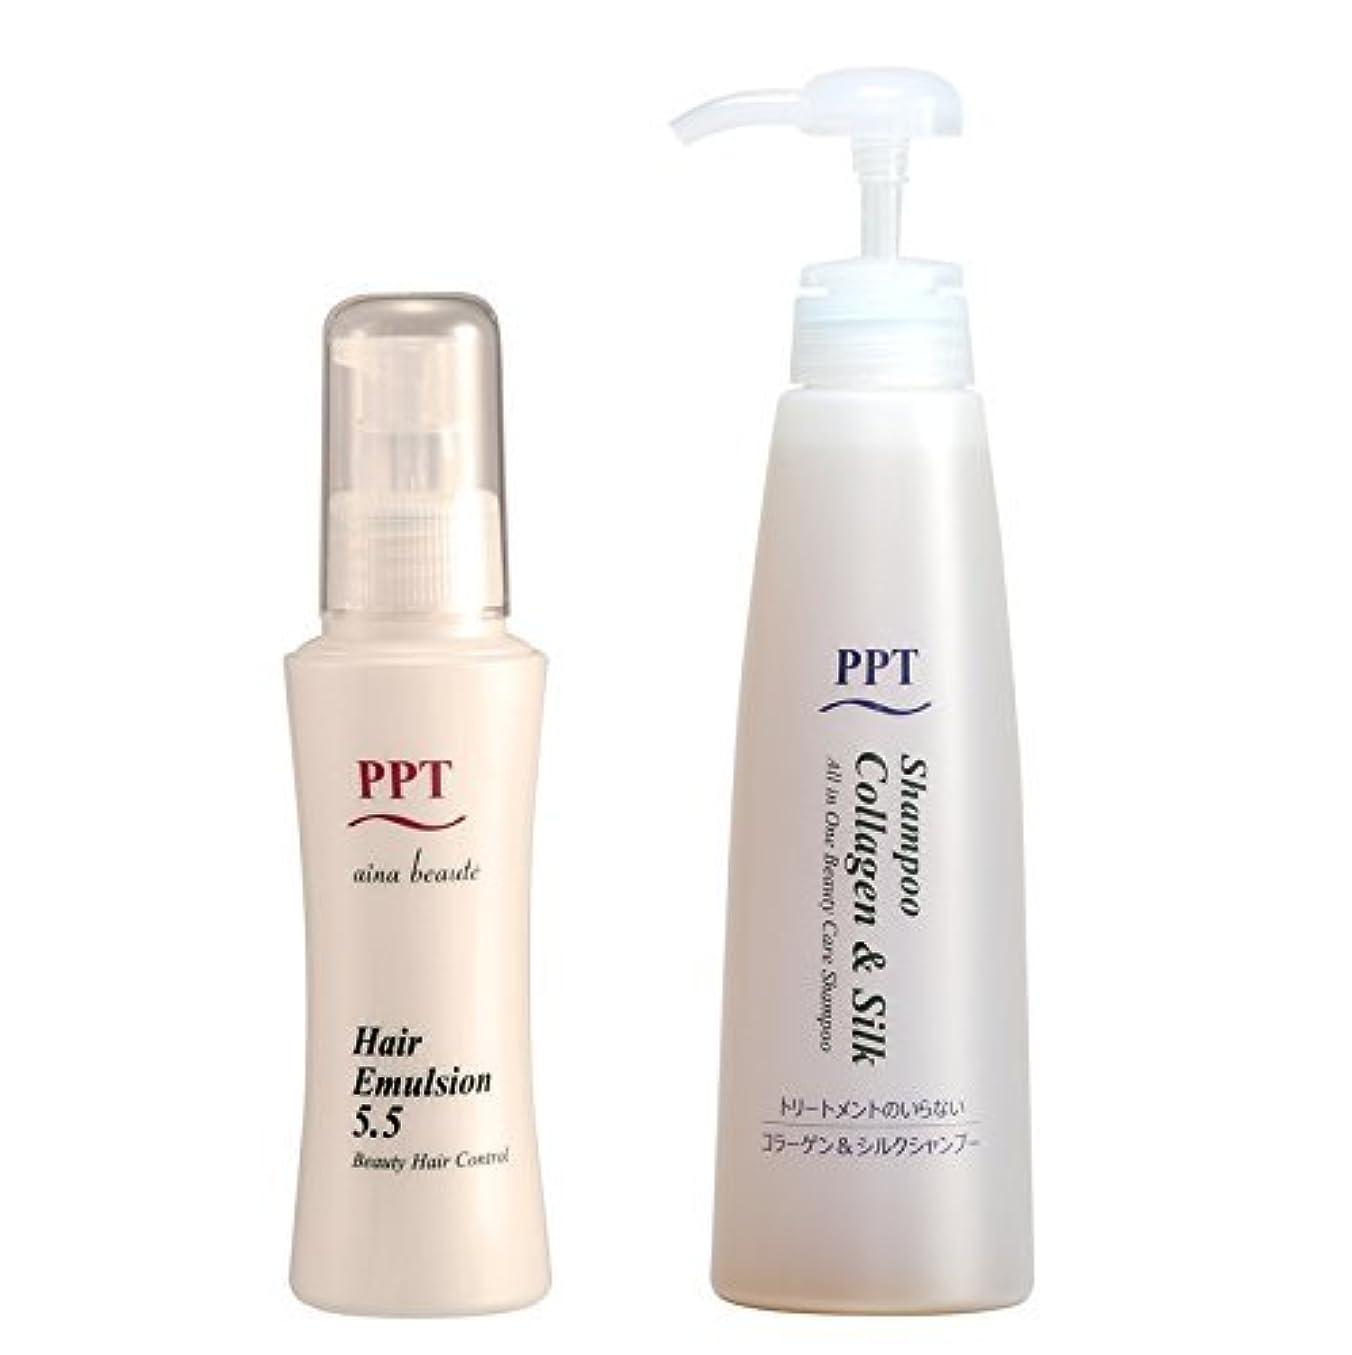 代表してホラー関与するトリートメント不要 PPTコラーゲン&シルクシャンプー脂性肌~普通肌用(ふんわり)、PPTヘアエマルジョン5.5セット